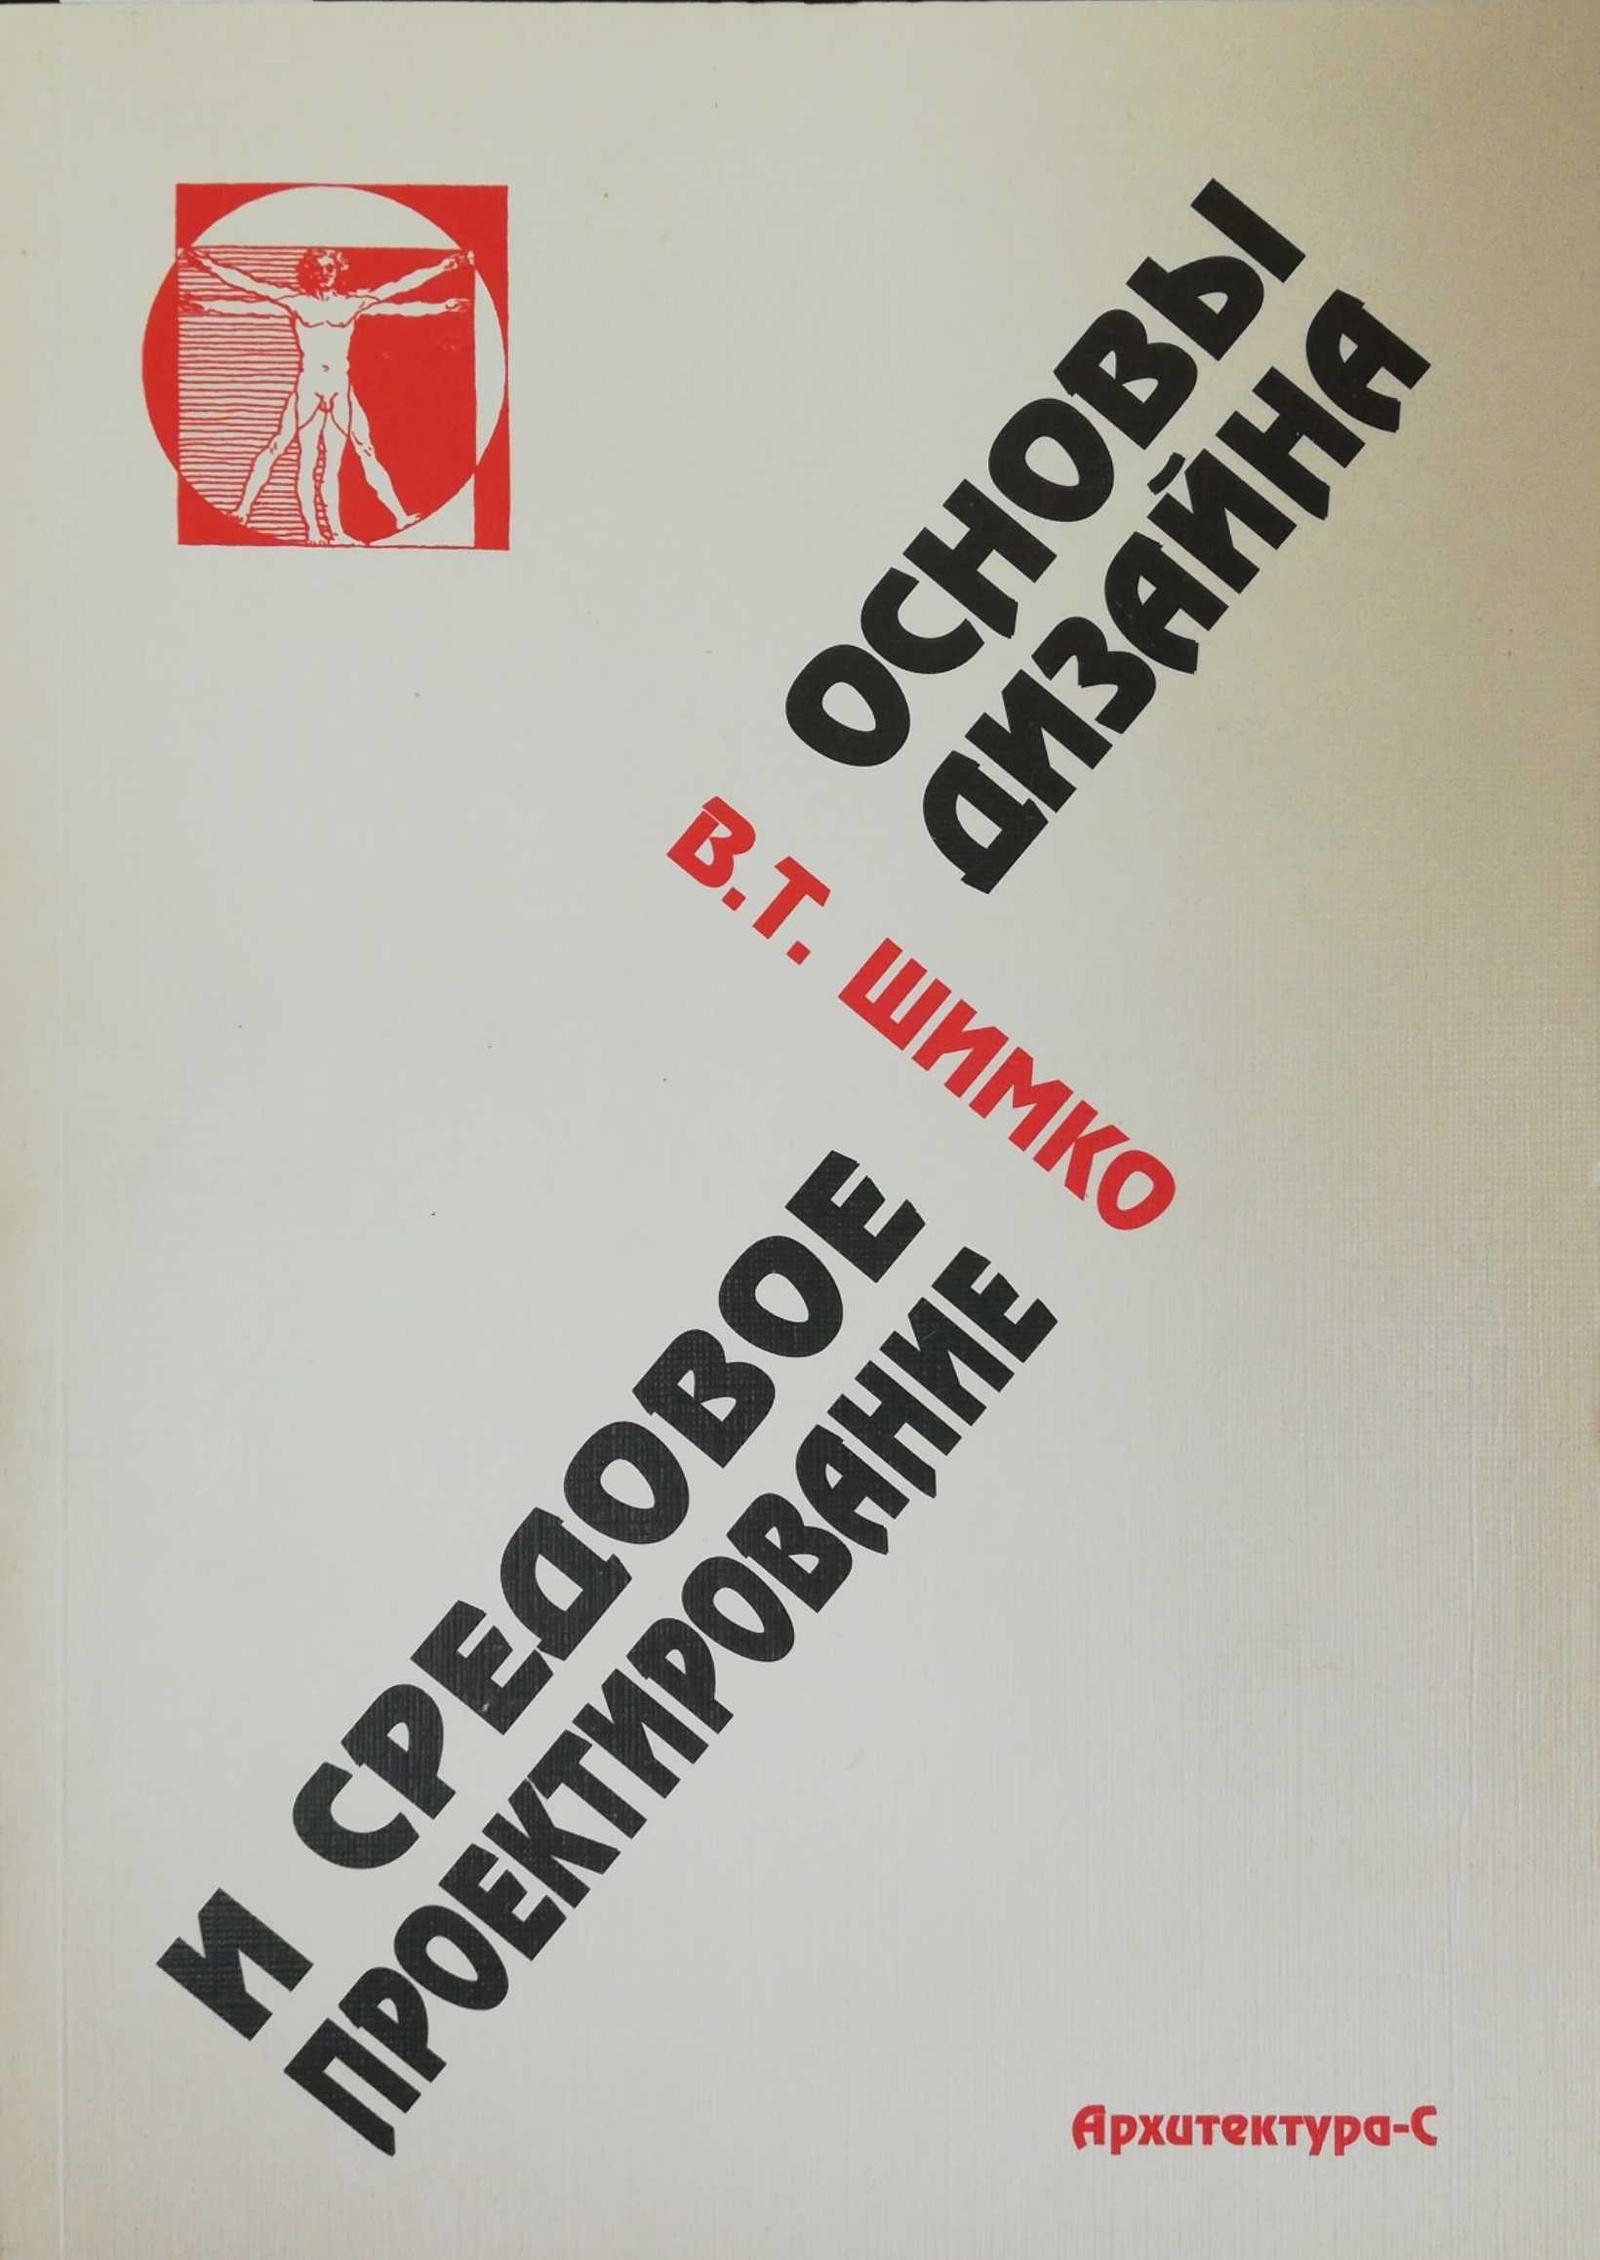 Владимир Шимко. Основы дизайна и средовое проектирование: учебное пособие для ВУЗов